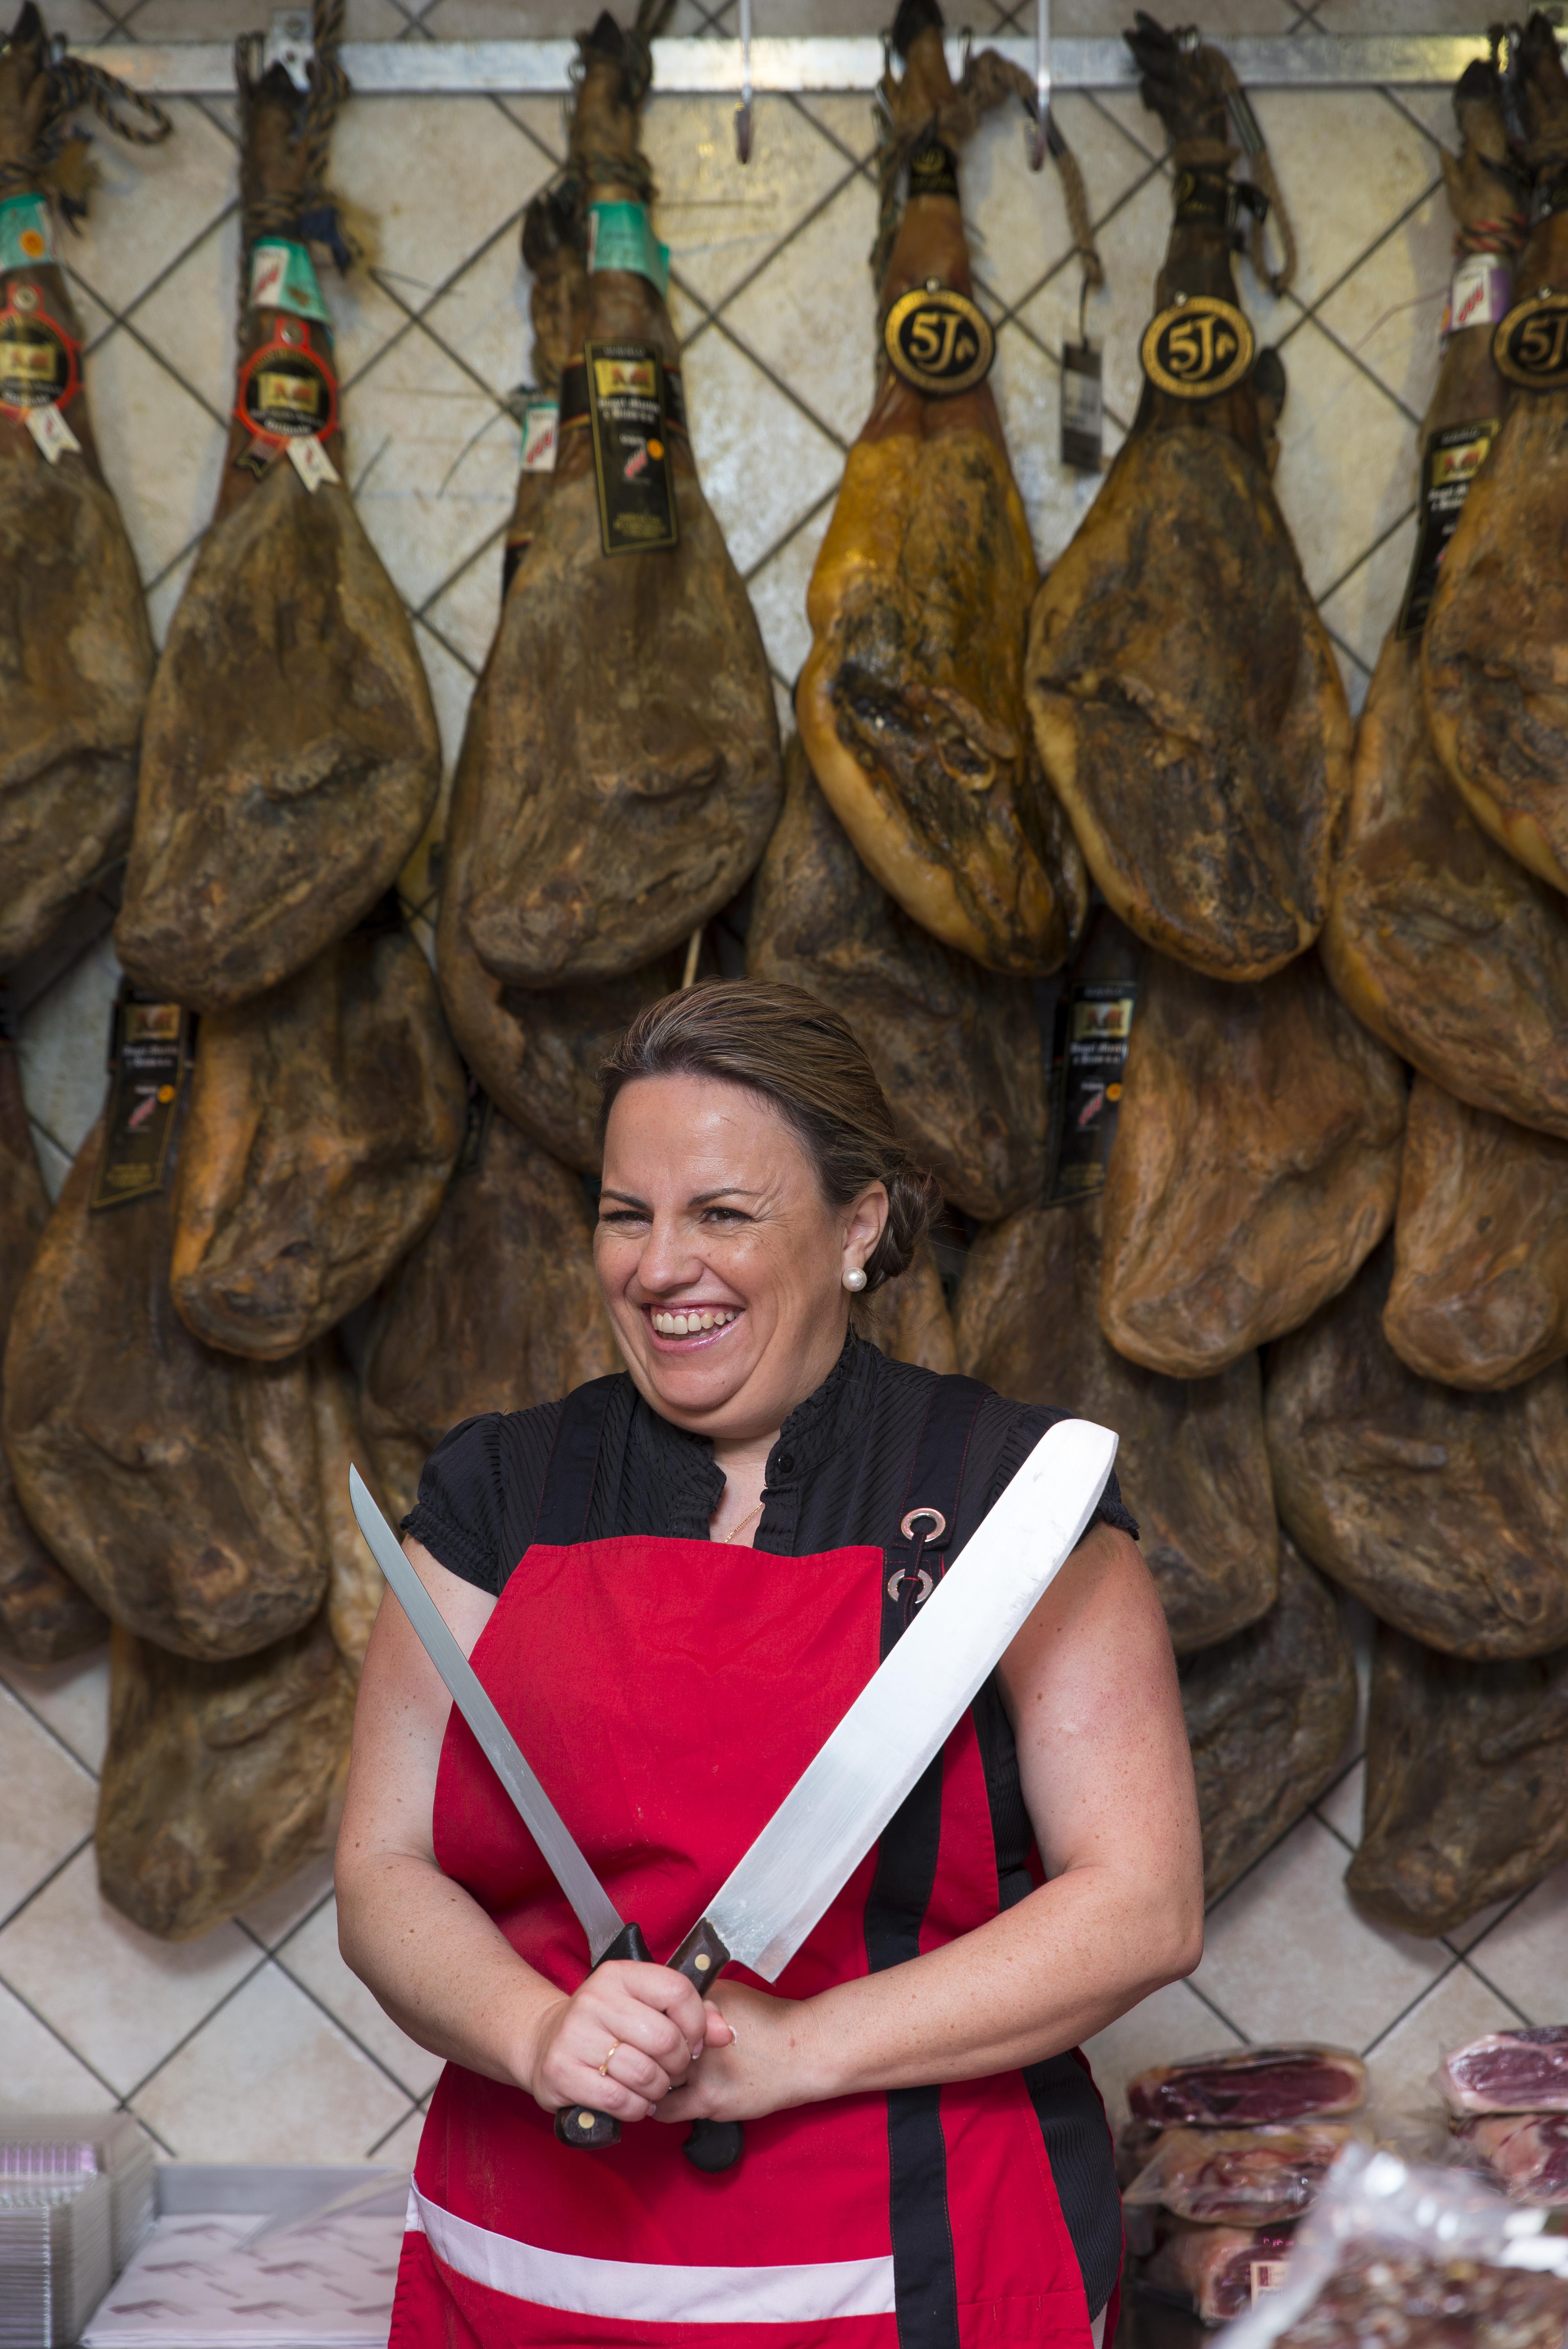 Fotografía Retratos de Mercados Madrid © Jorge Zorrilla Fotógrafo Madrid